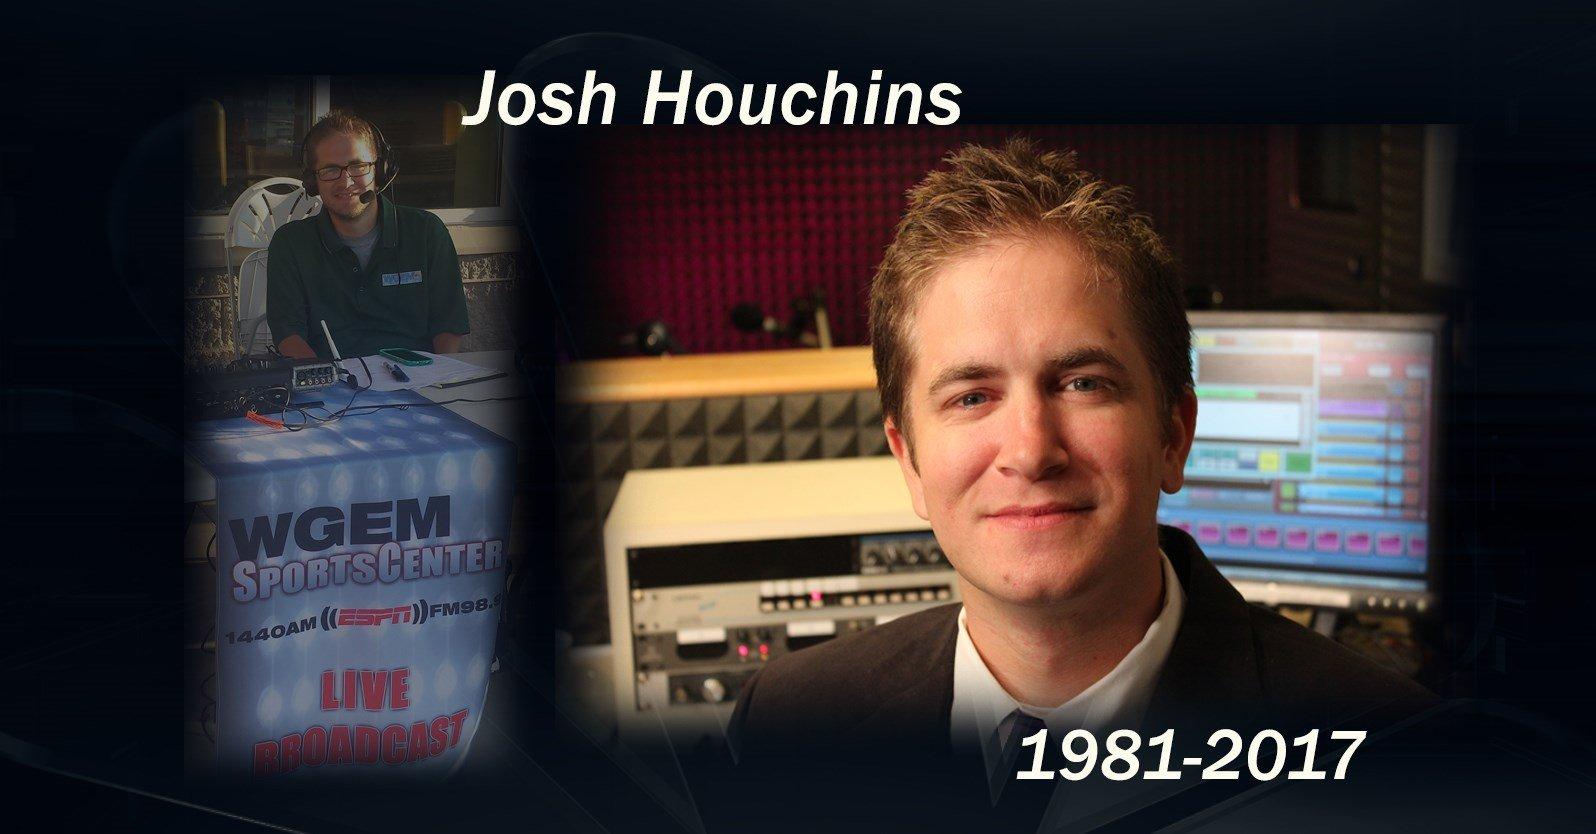 Josh Houchins 1981-2017